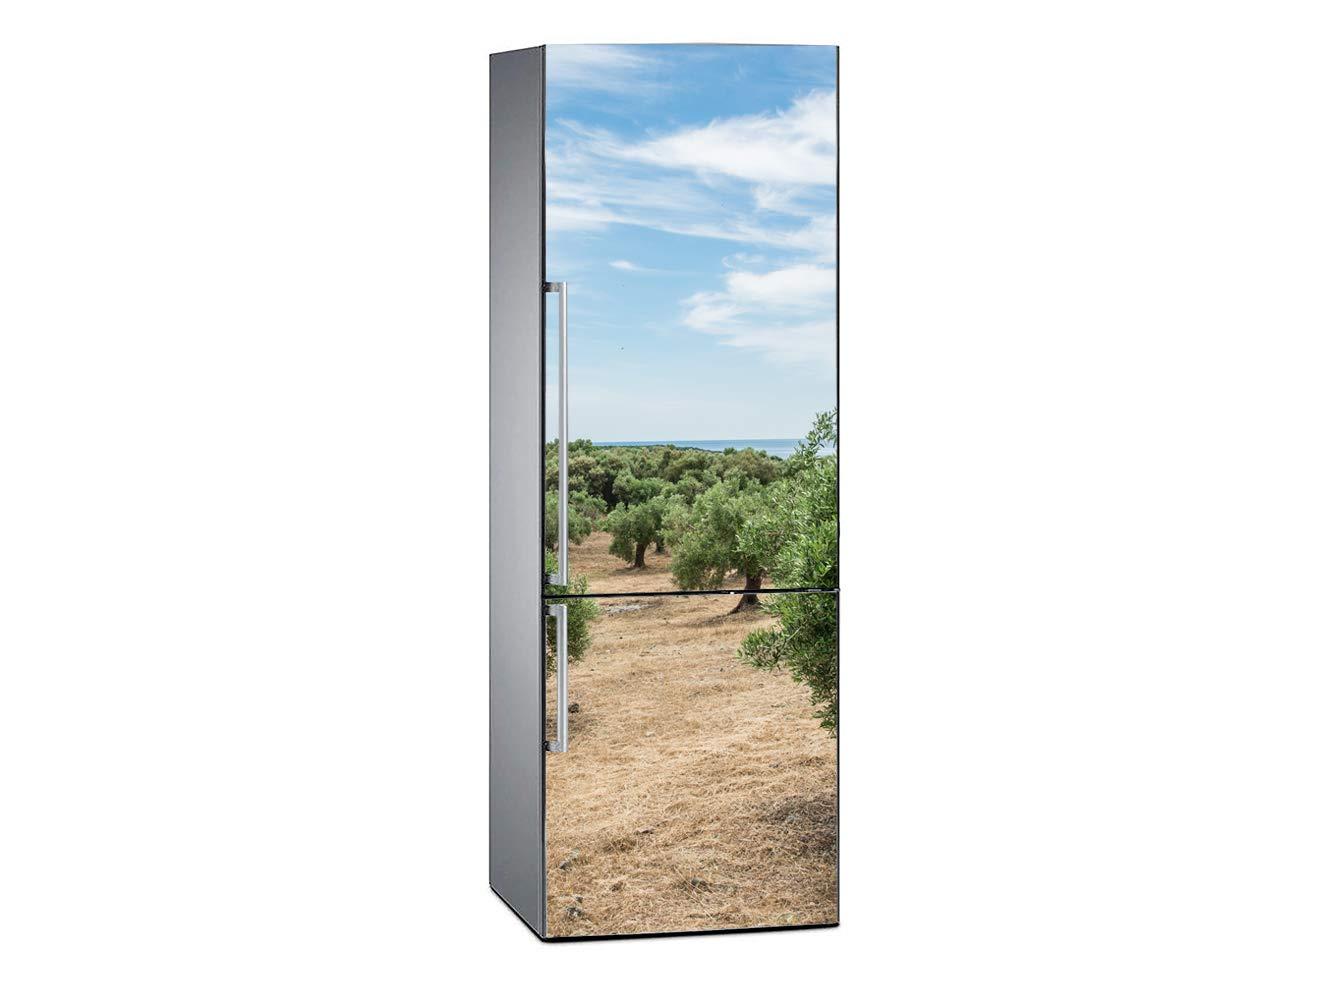 Pegatina Adhesiva Decorativa de Dise/ño Elegante Vinilo para Frigor/ífico Mar de Olivos 185x60cm Adhesivo Resistente y Econ/ómico